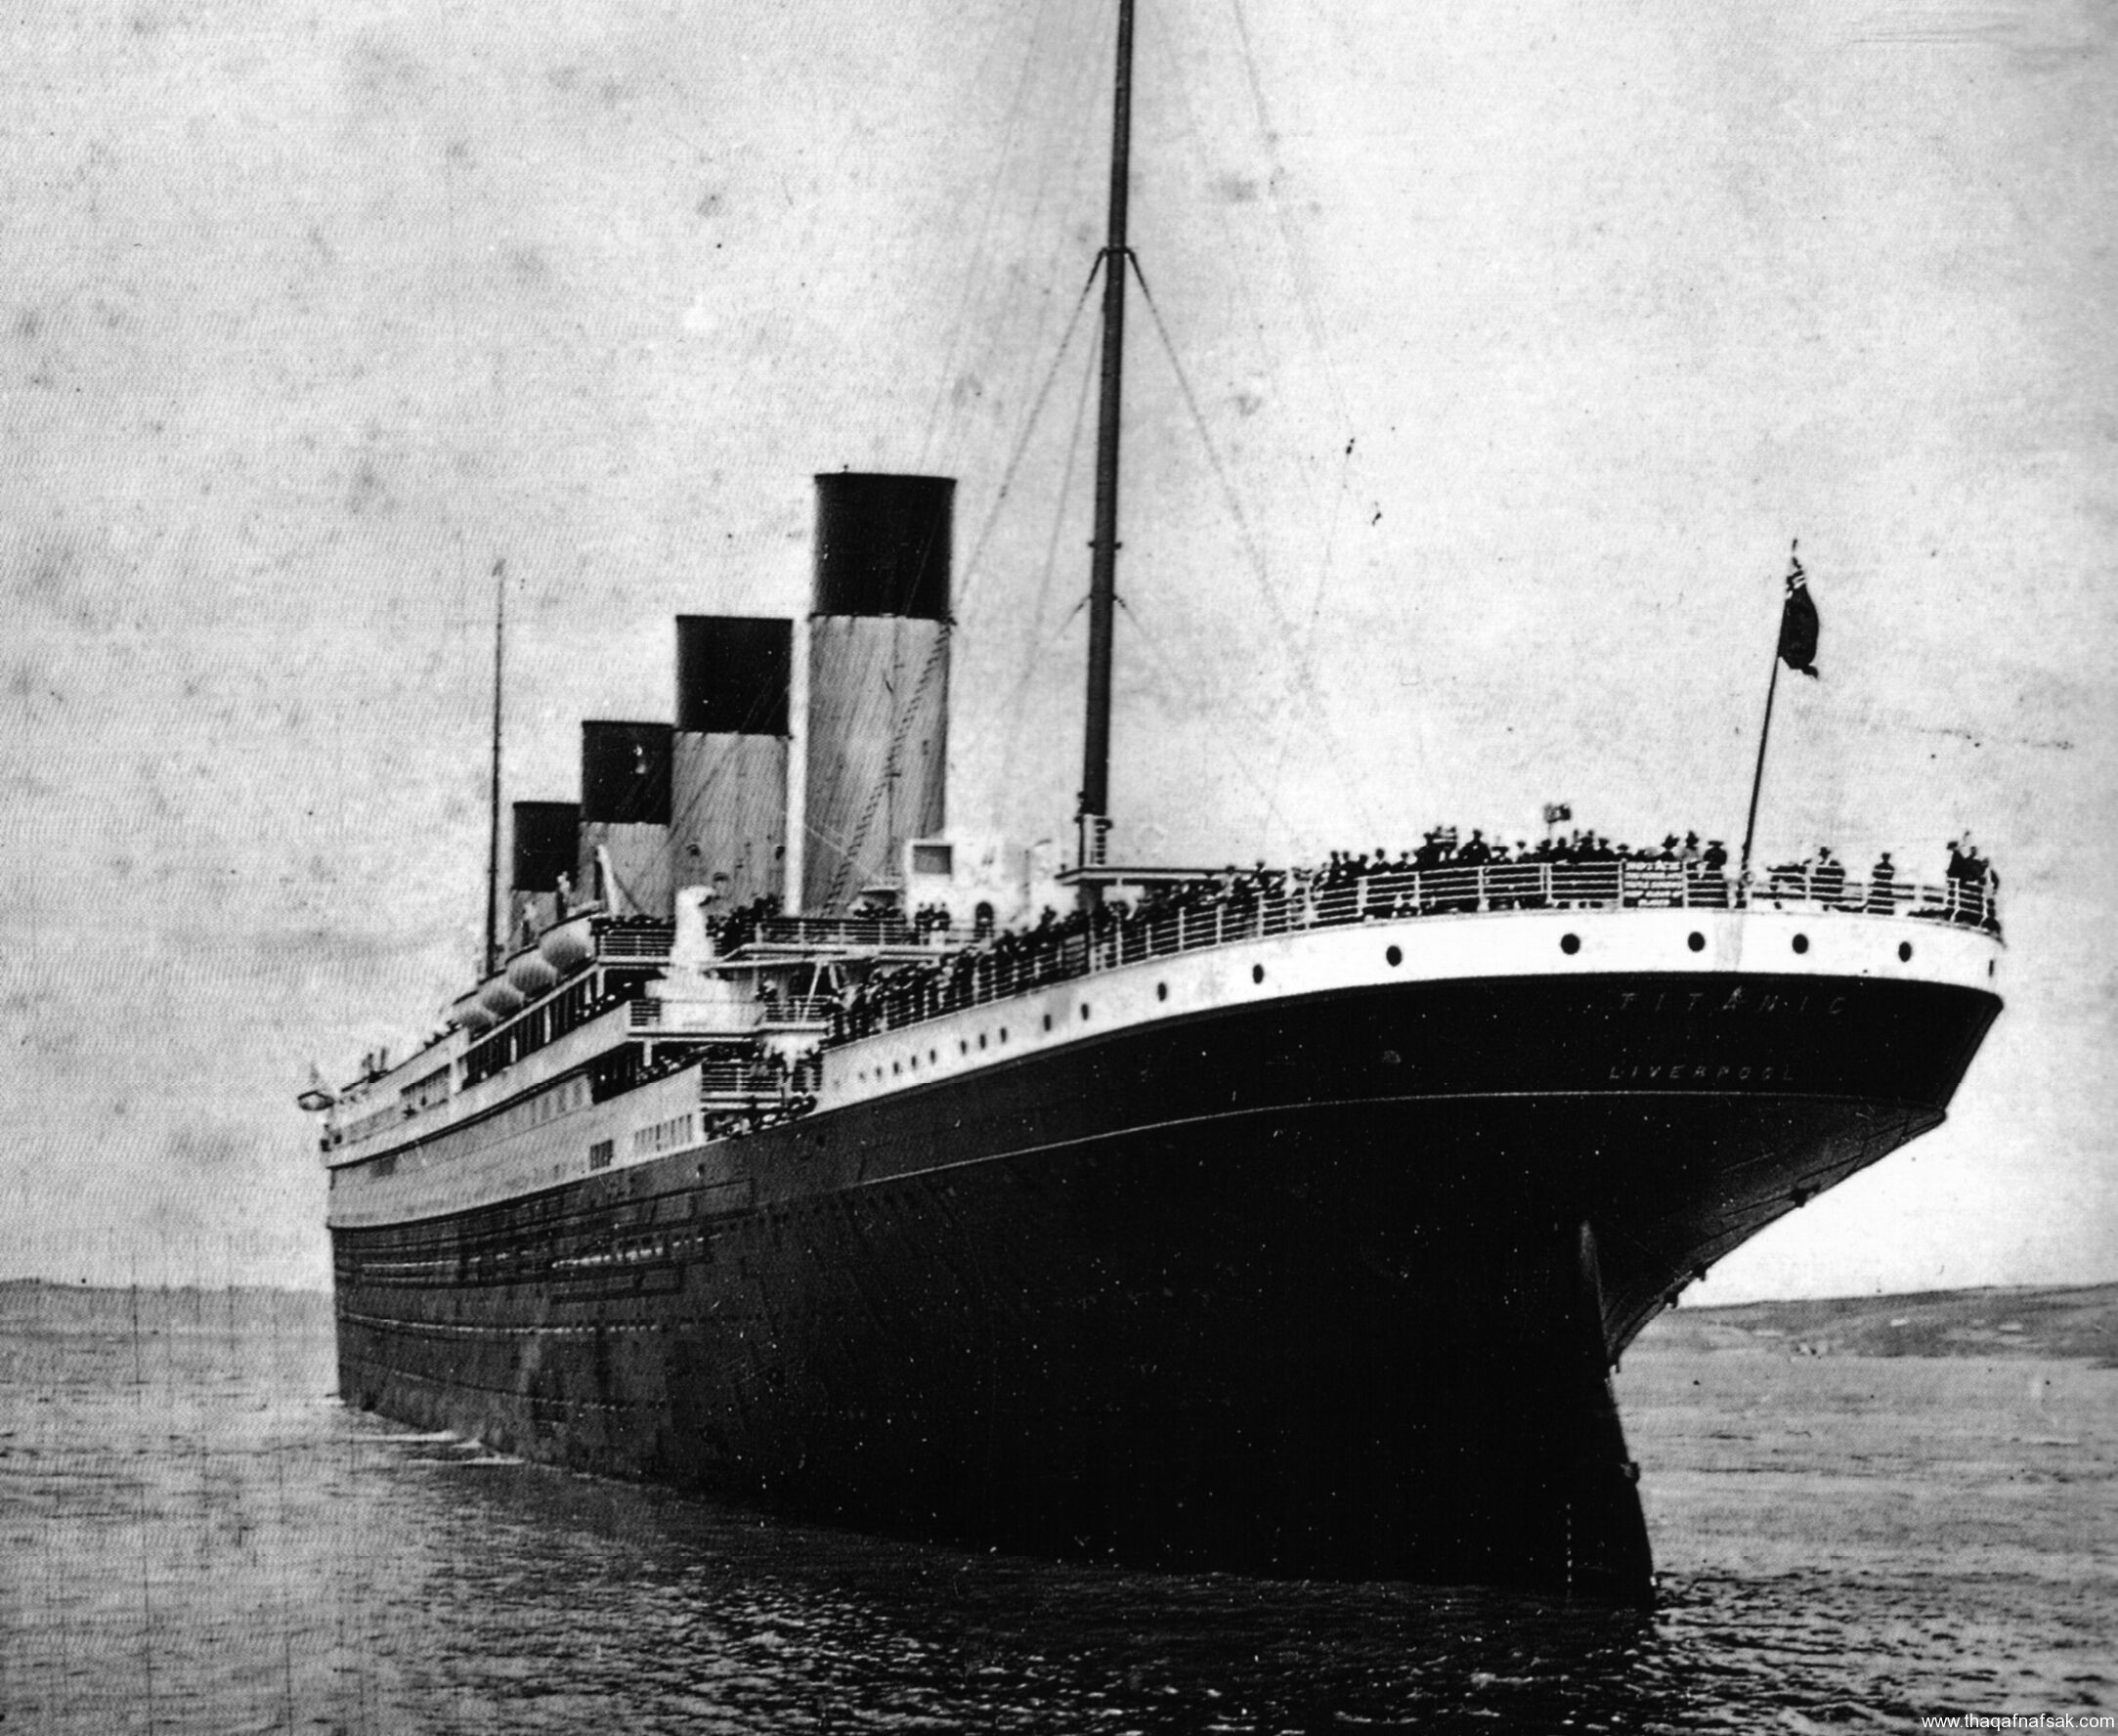 بالصور سفينة تيتانيك , تيتانيك اضخم سفينه فى العالم 2660 7